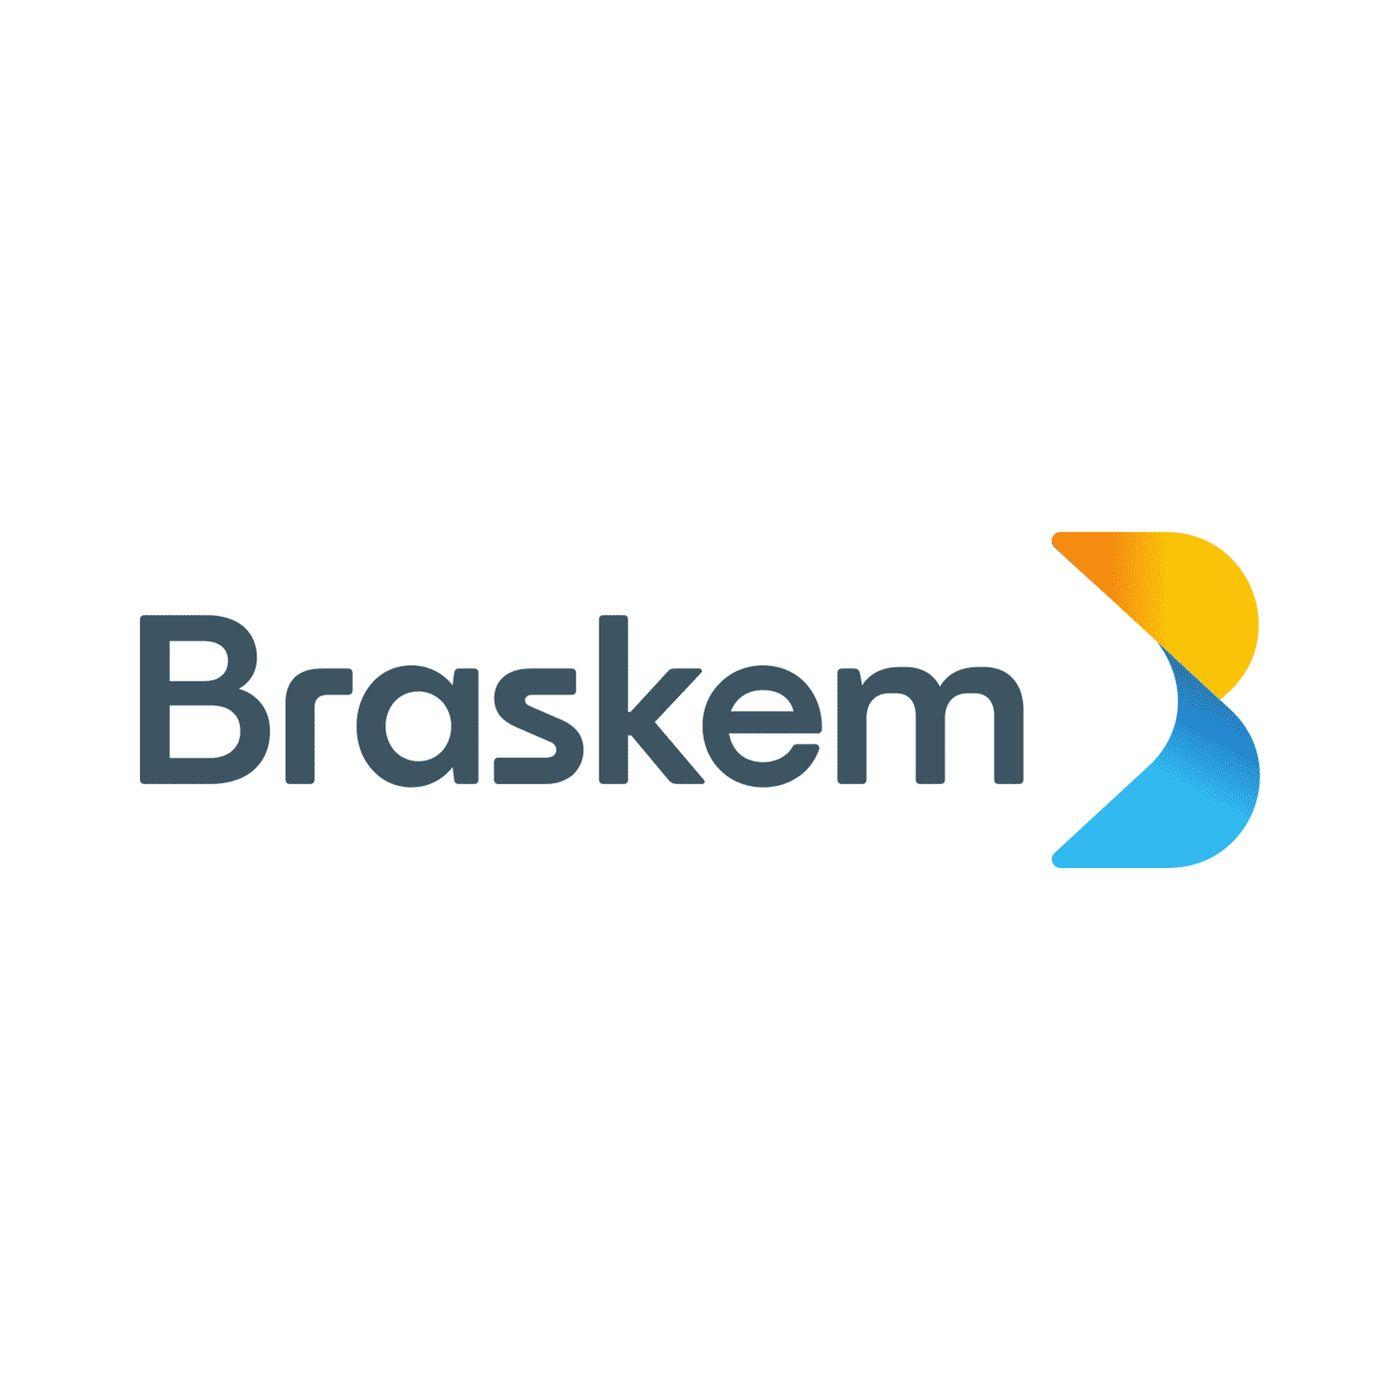 Teleconferência de Resultados da Braskem (BRKM5) do 1T20